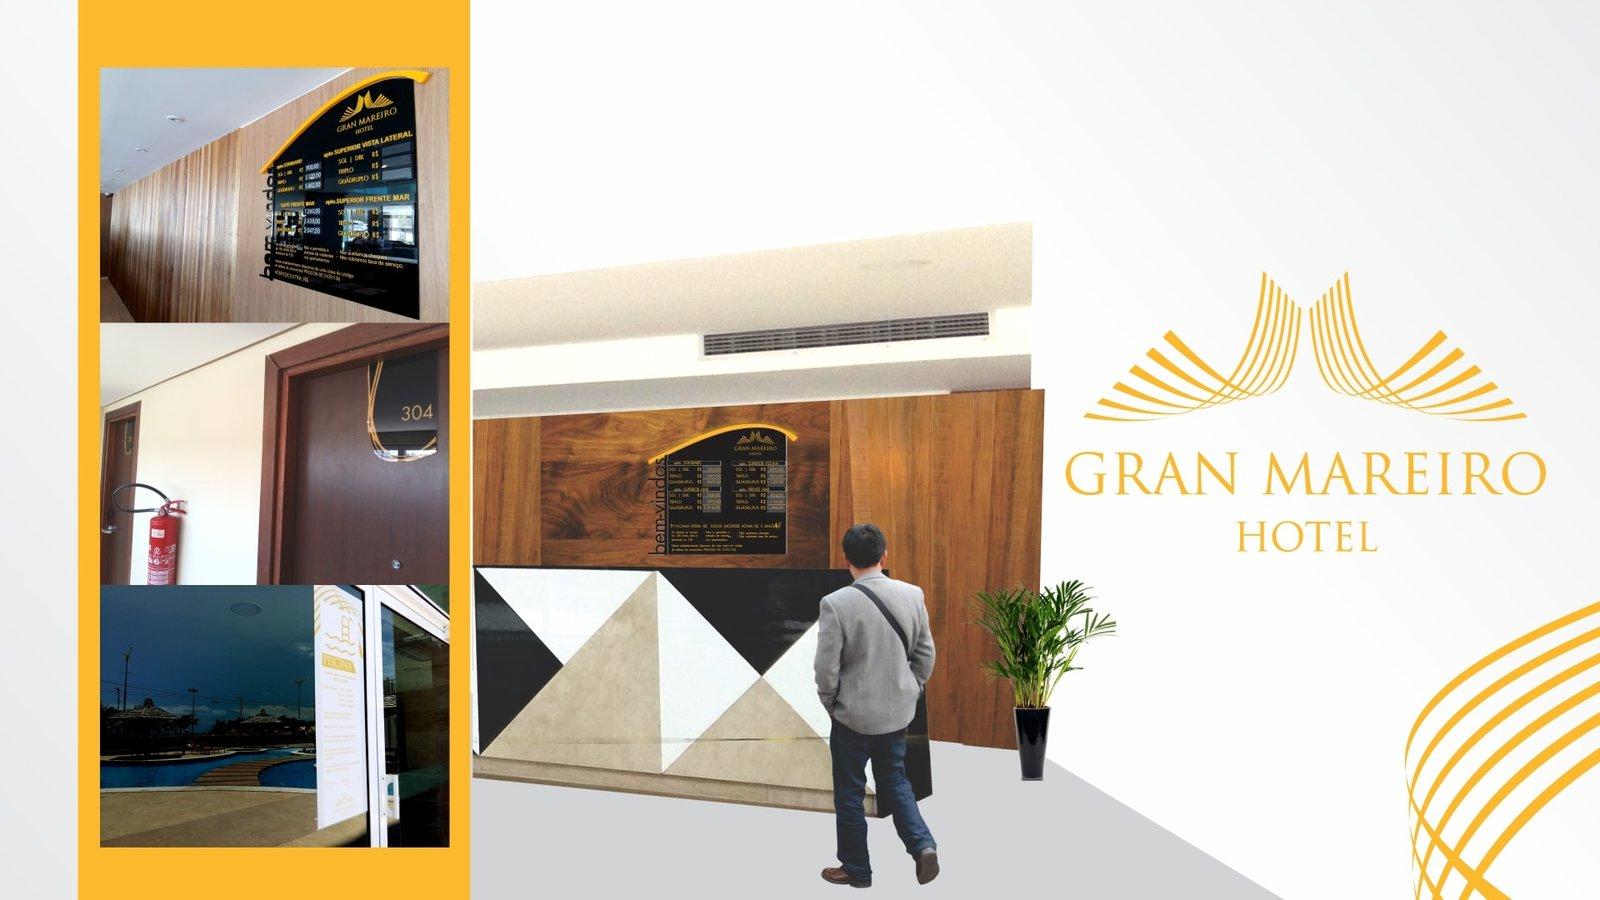 MLMS Sinalização Arquitetônica - Gran Mareiro Hotel